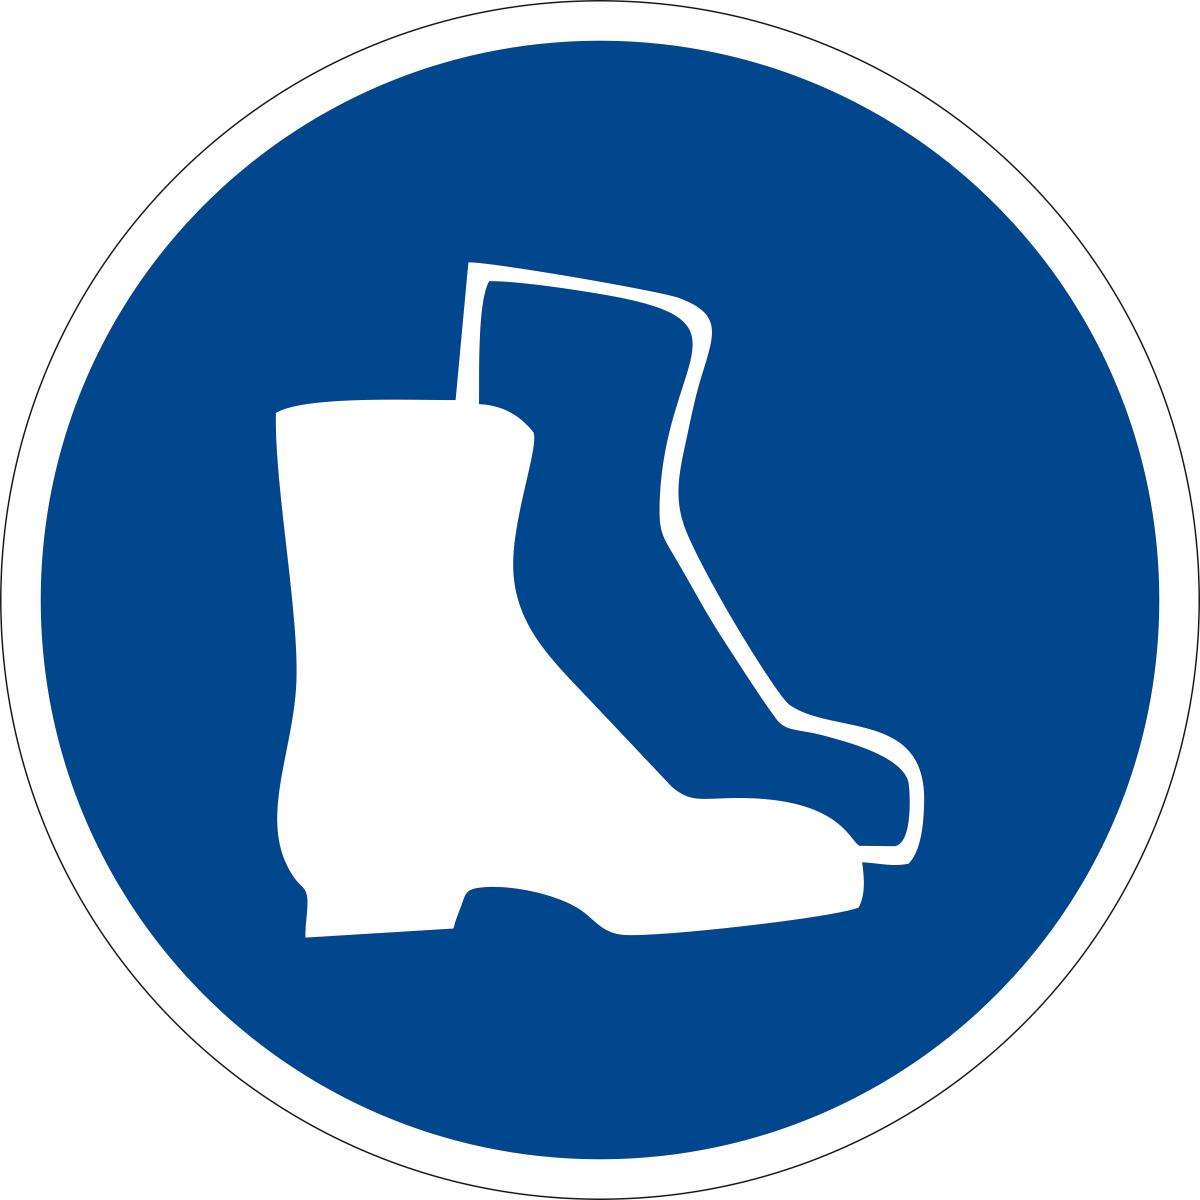 Наклейка информационная Оранжевый Слоник Работать в защитной обуви, 15 х 15 смINR011RGBИнформационные наклейки предназначенны для предупреждения людей о непосредственной или возможной опасности, запрещения, предписания или разрешения определенных действий, а также для информации о расположении объектов и средств, использование которых ислючает или снижает воздействие опасных и (или) вредных факторов.